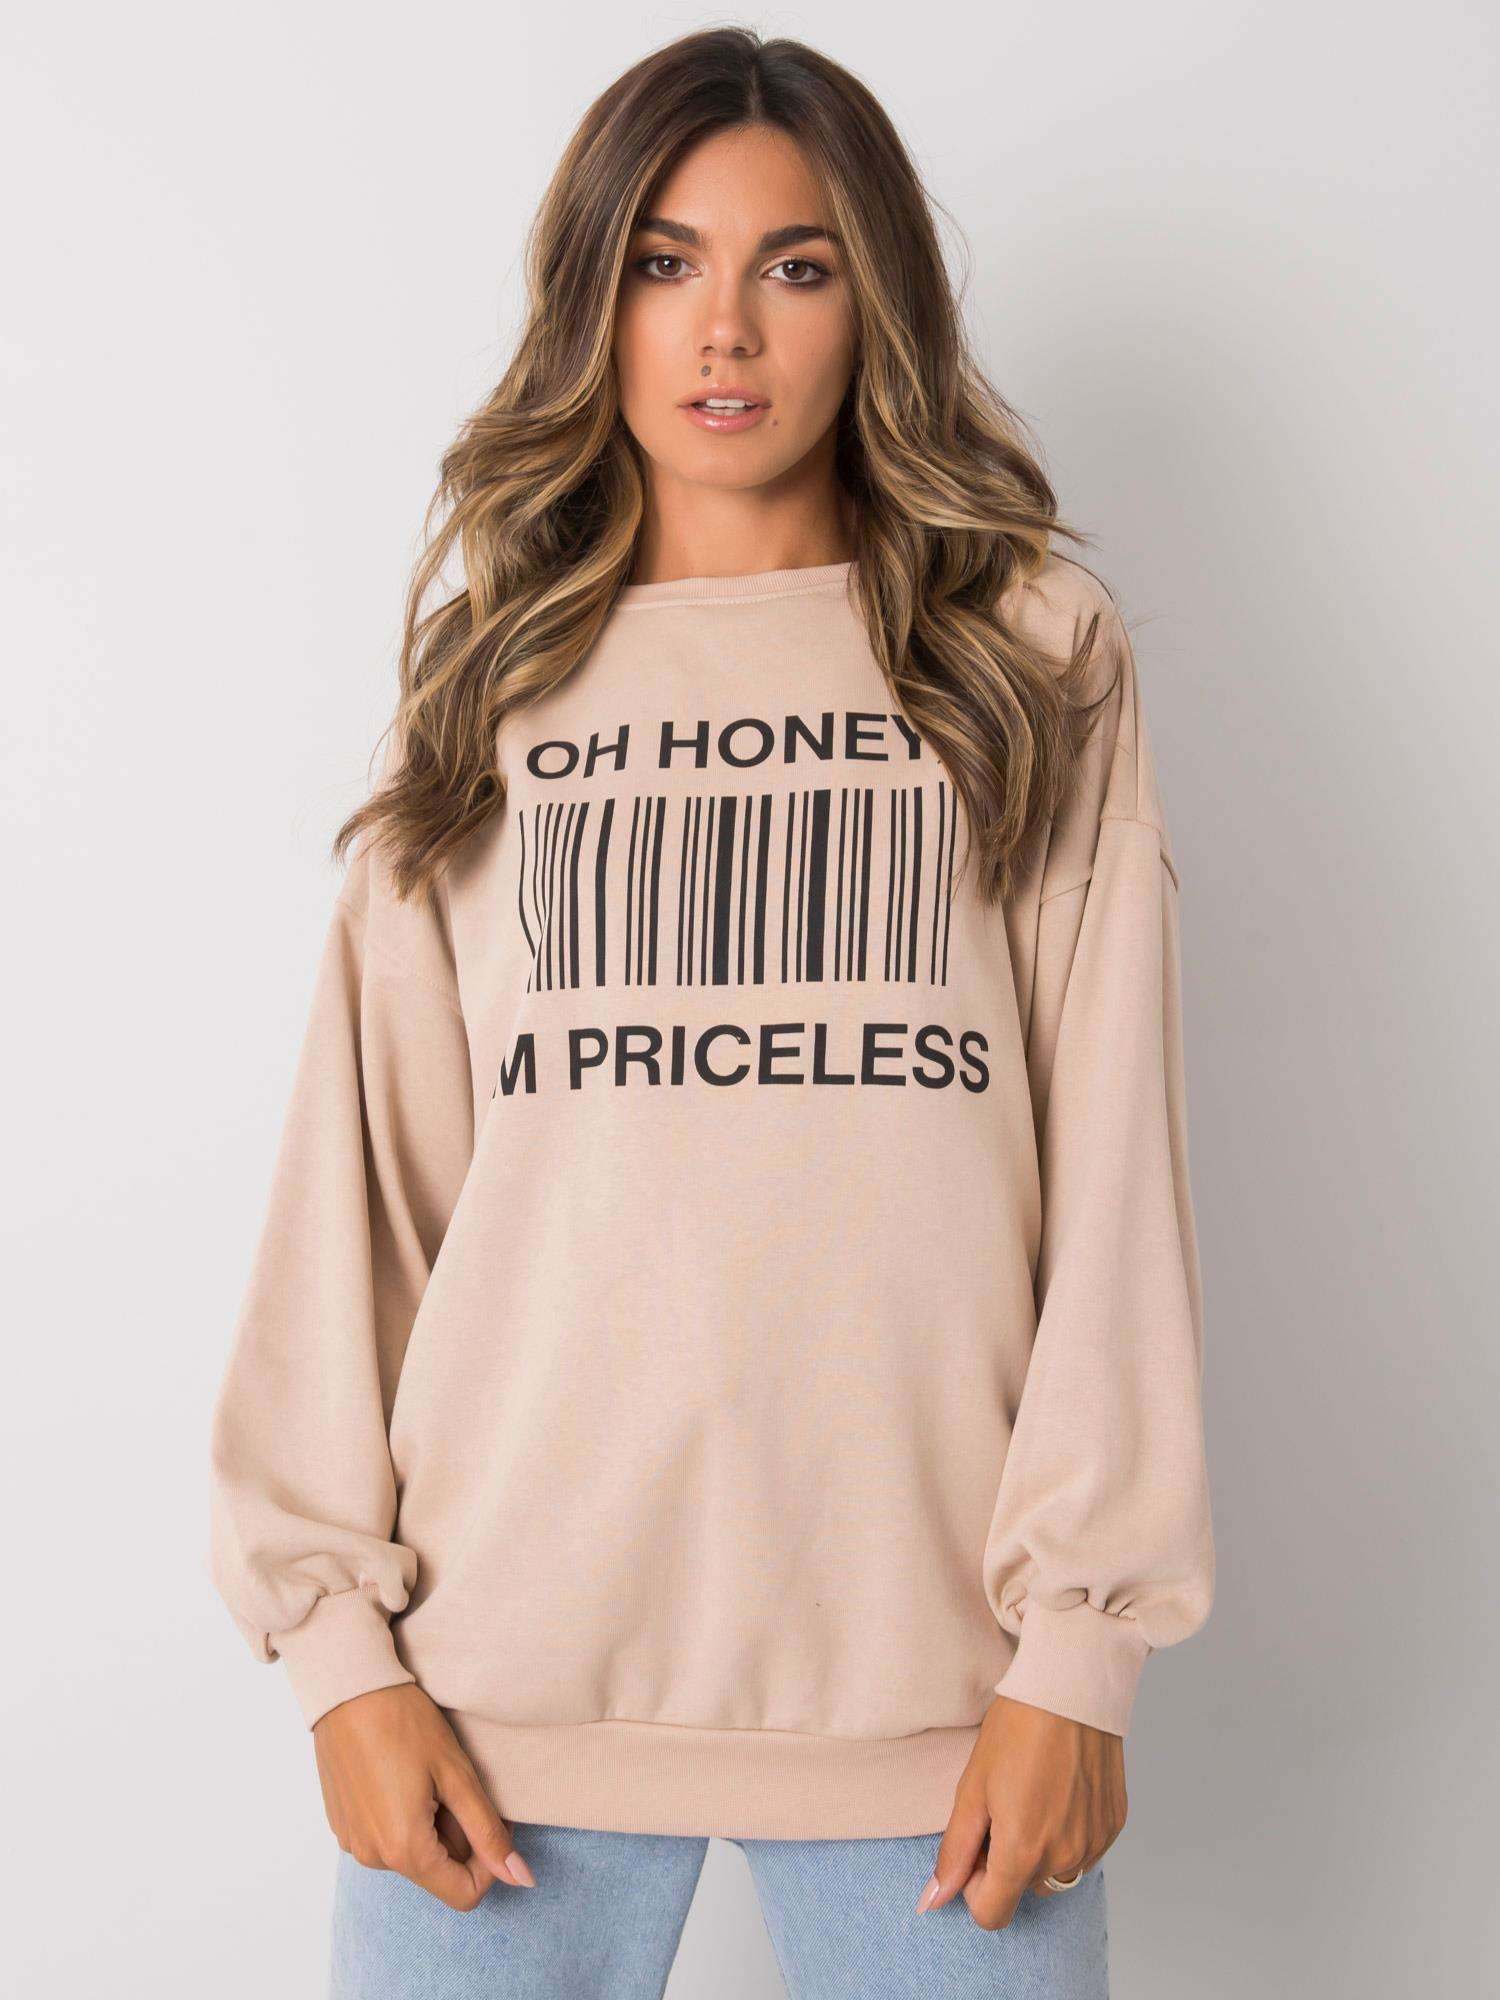 Sweatshirt in Beige mit schwarzem Frontprint Vorderansicht